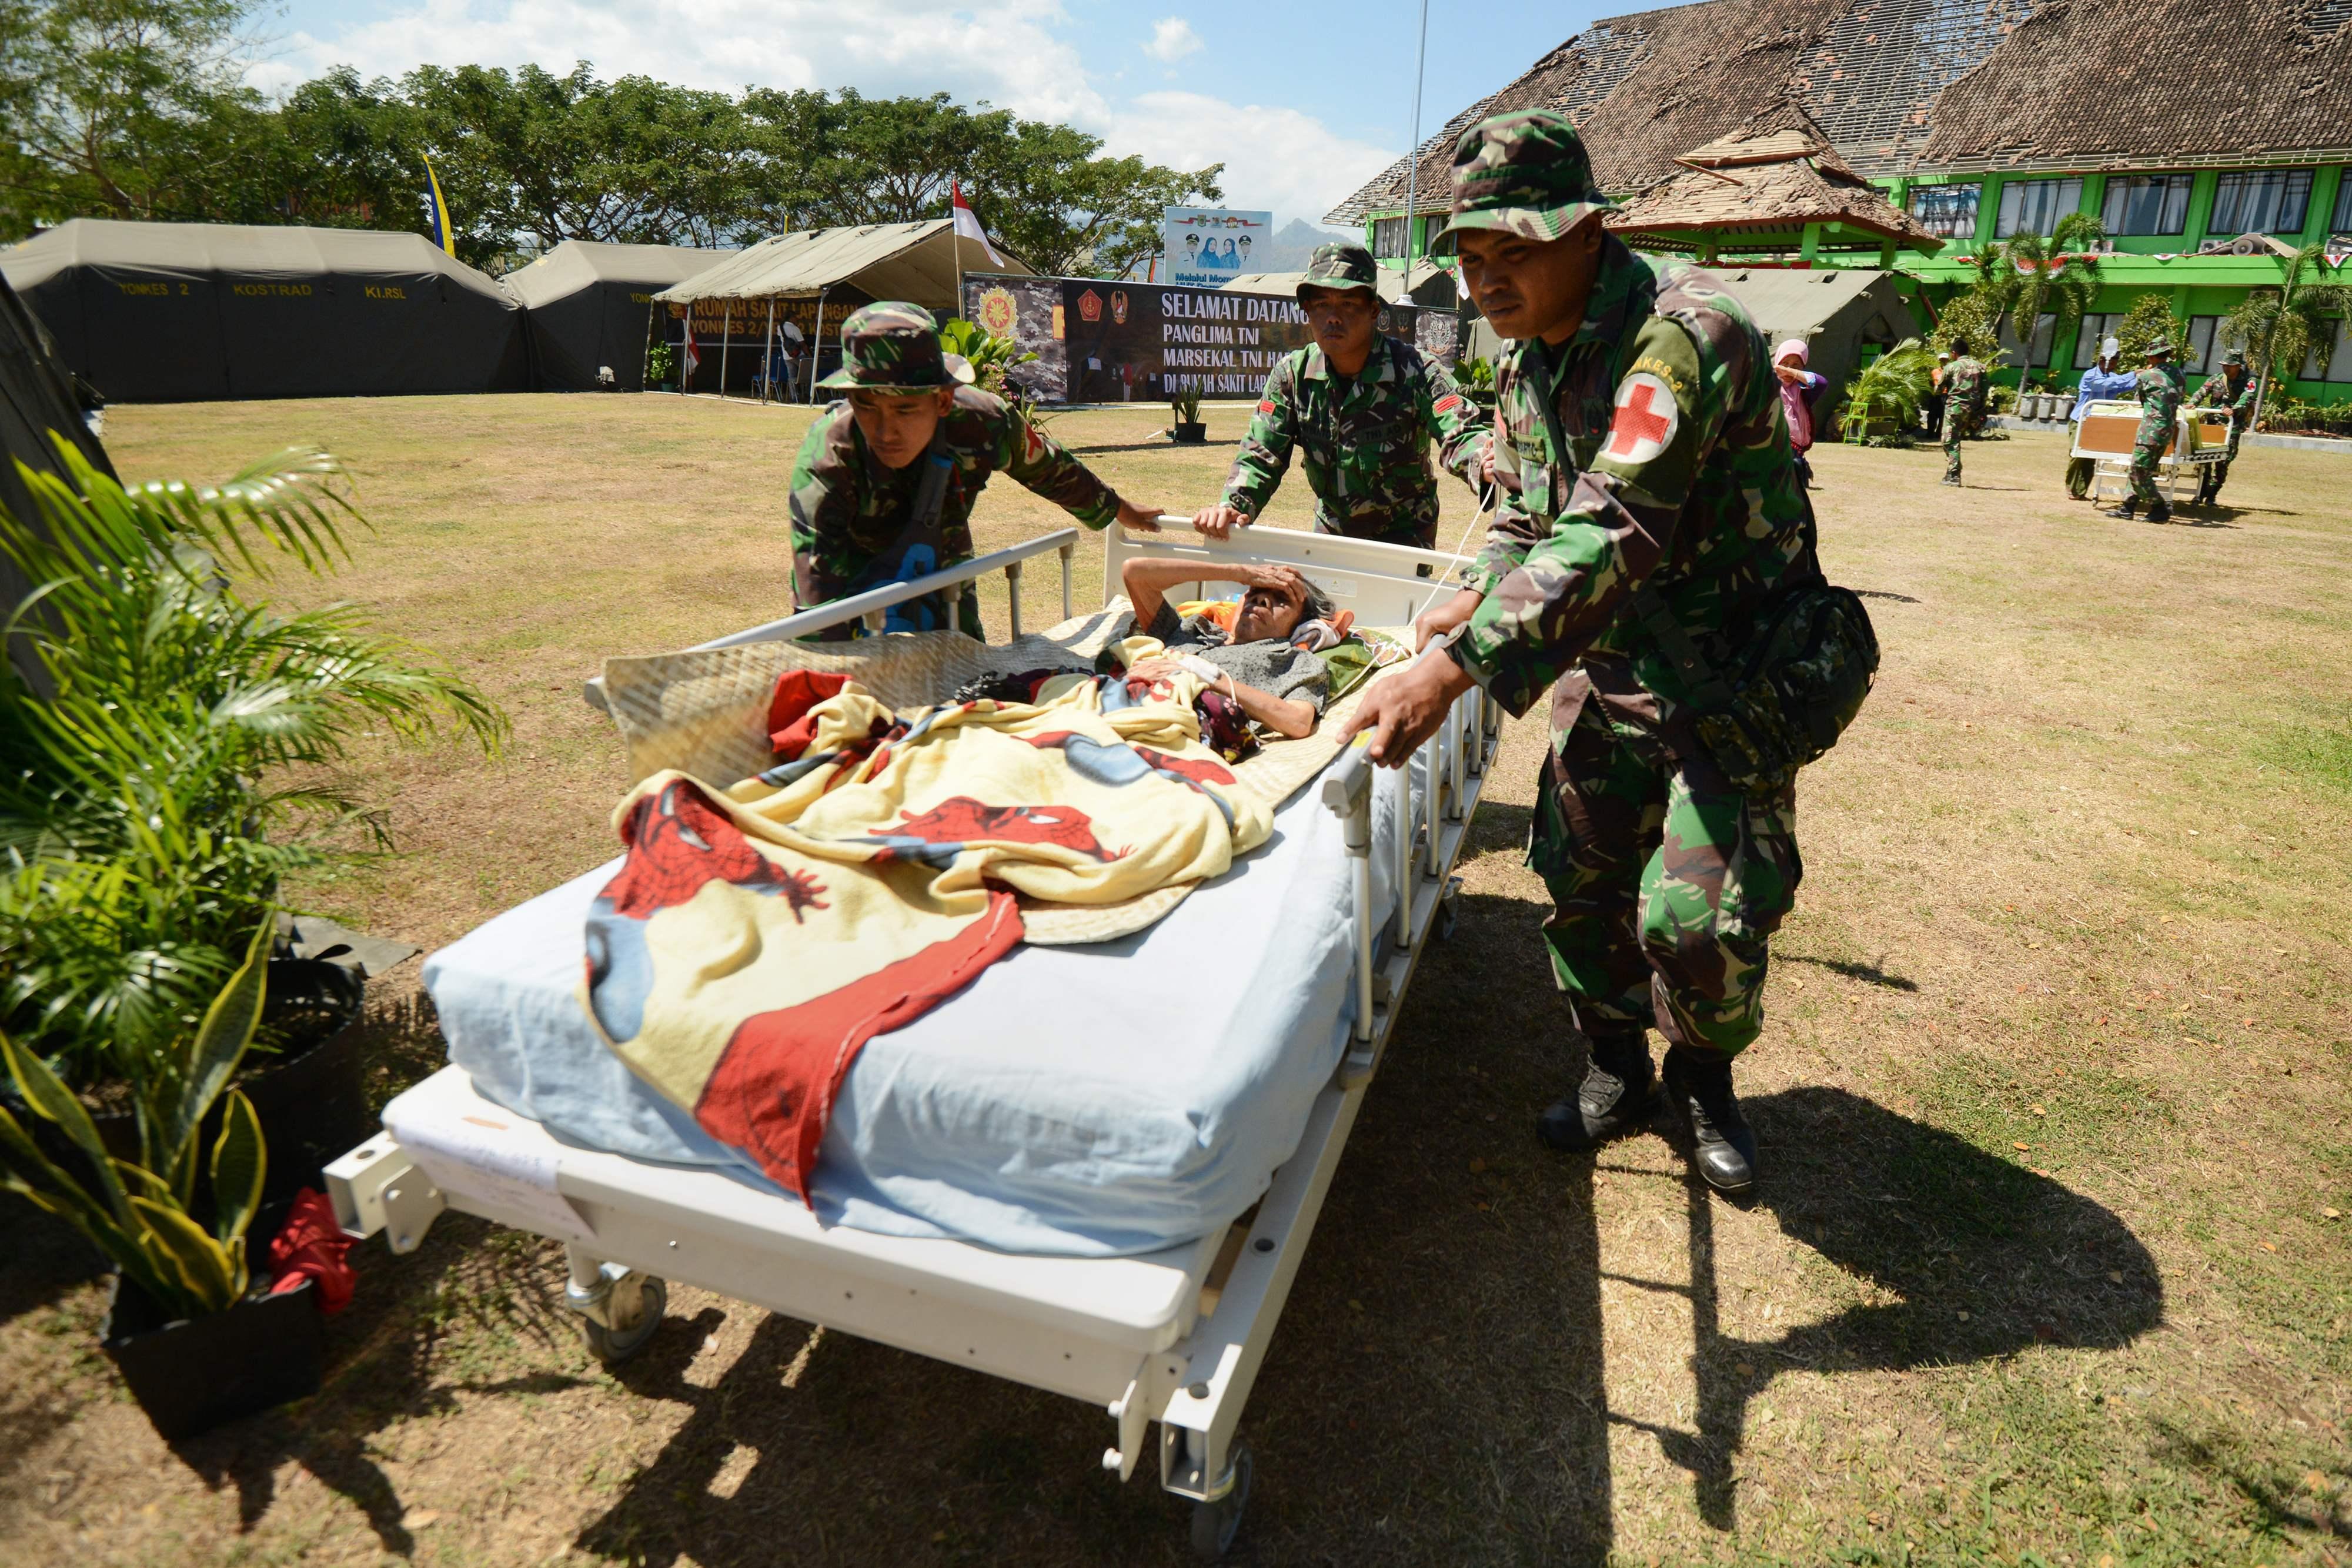 مسعفون يحاولون نقل أحد المصابين